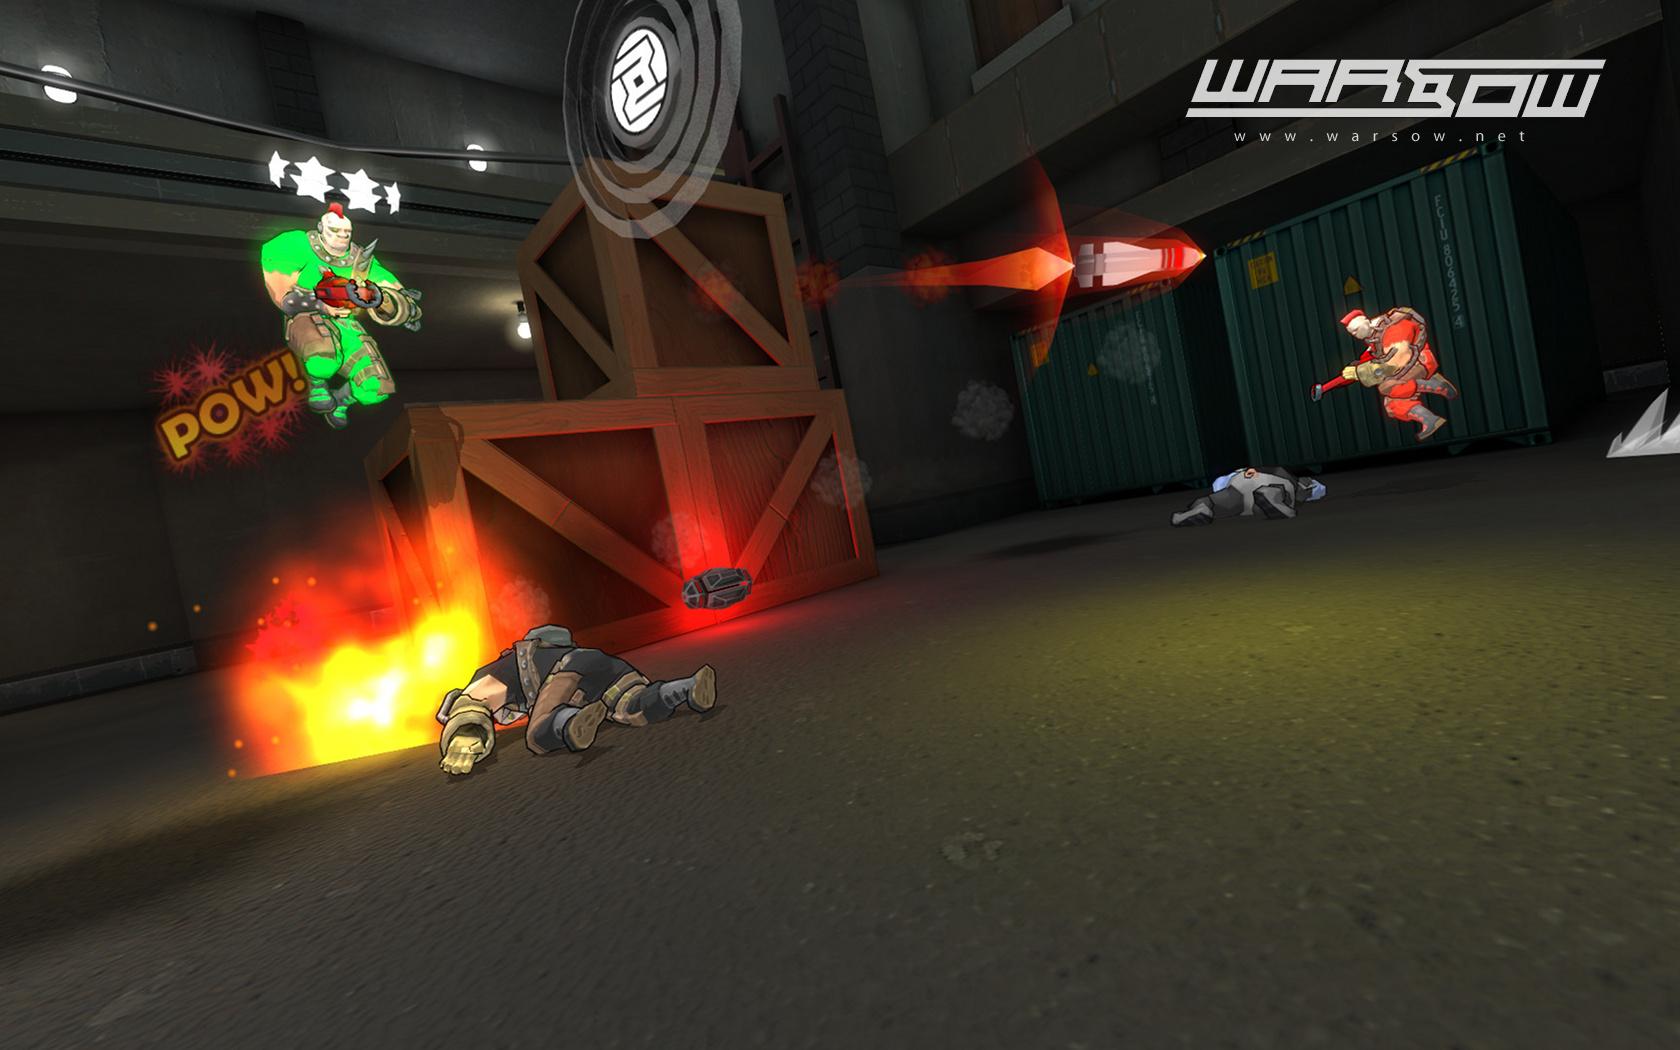 Egoshooter: Warsow 1.0 beendet siebenjährige Betaphase - Der Ego-Shooter Warsow